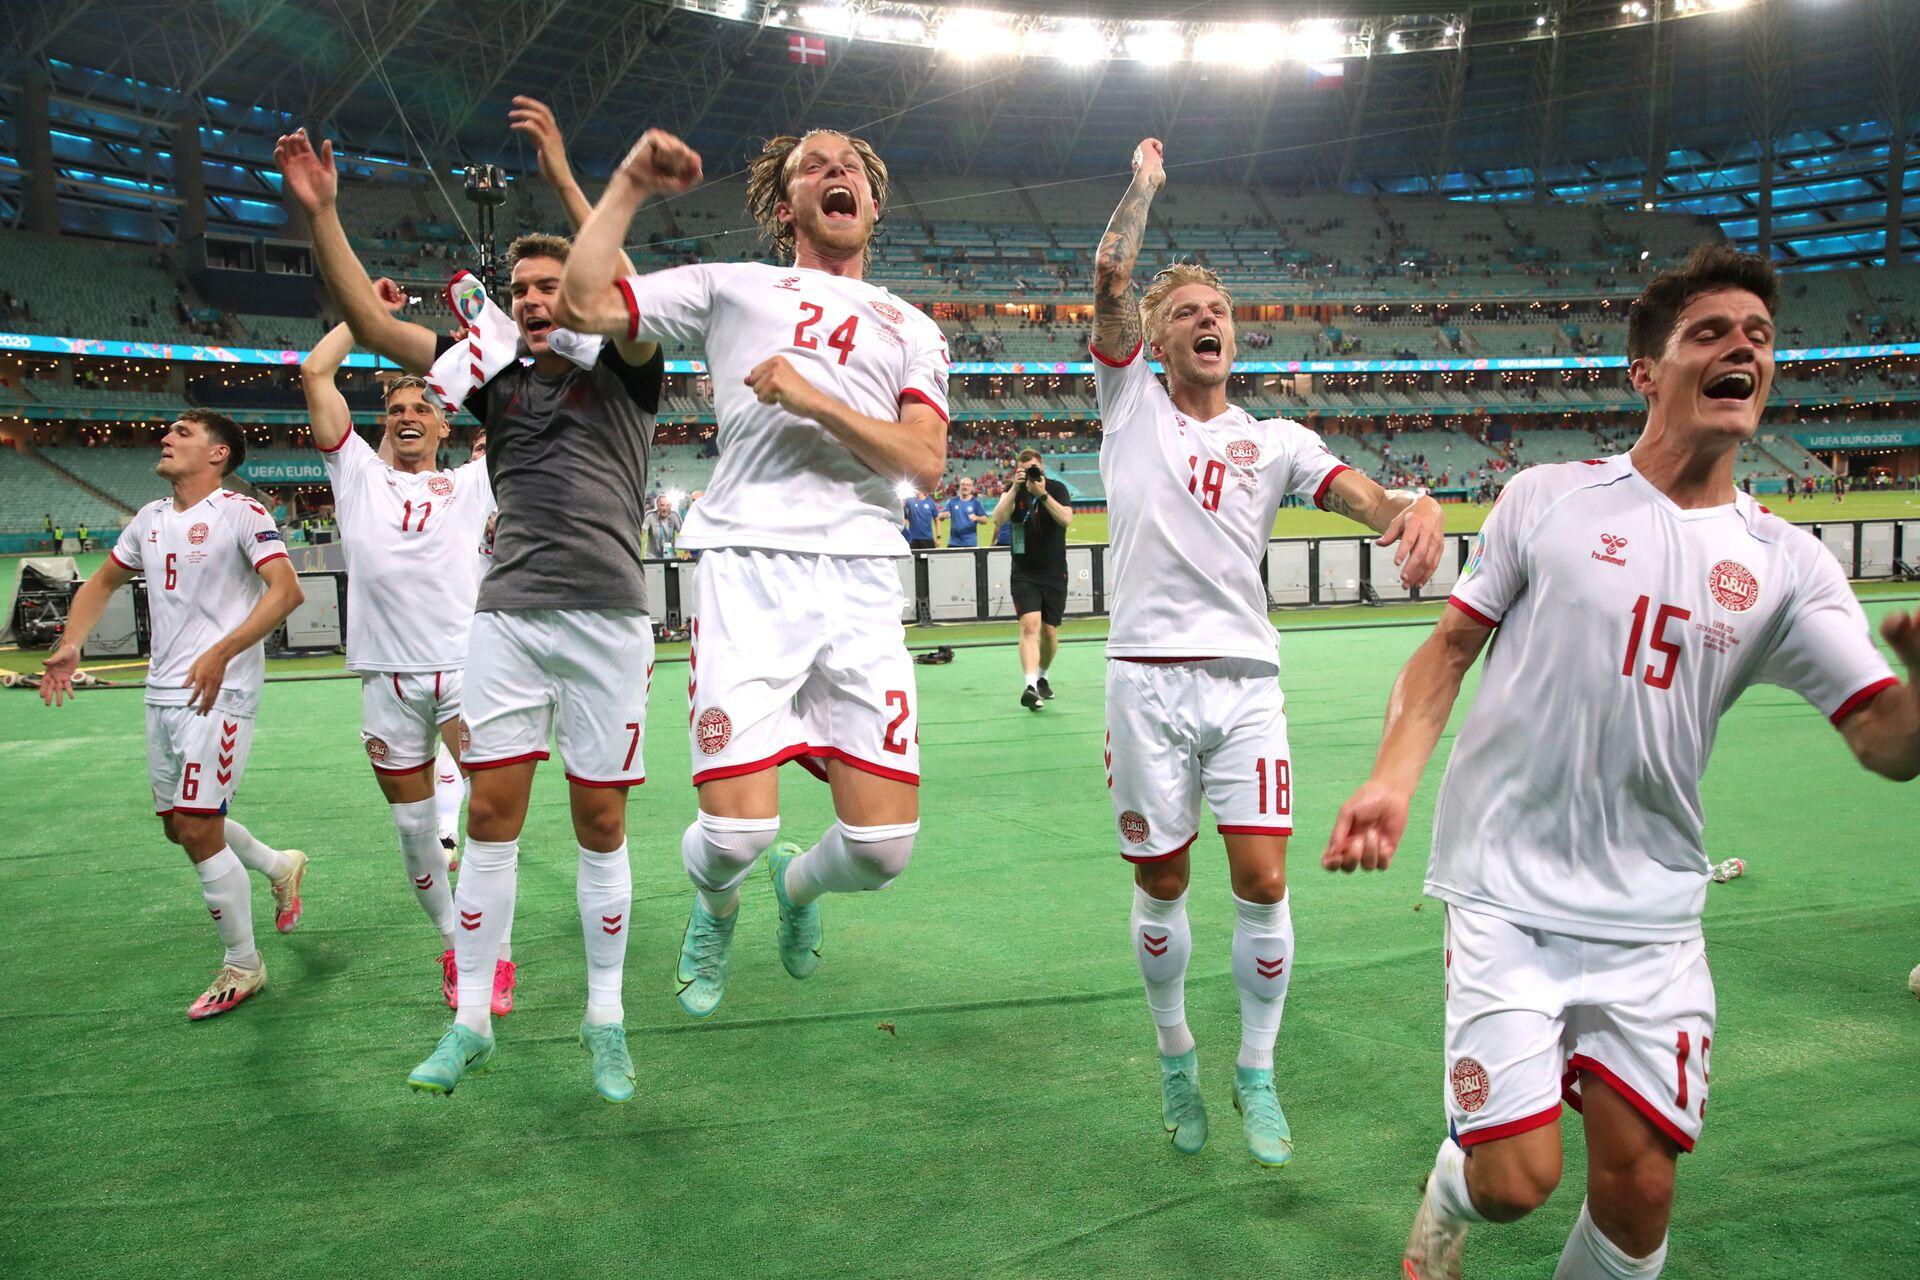 Bán kết EURO 2020: Sục sôi cặp đấu Bò tót - Áo thiên thanh - Sputnik Việt Nam, 1920, 06.07.2021